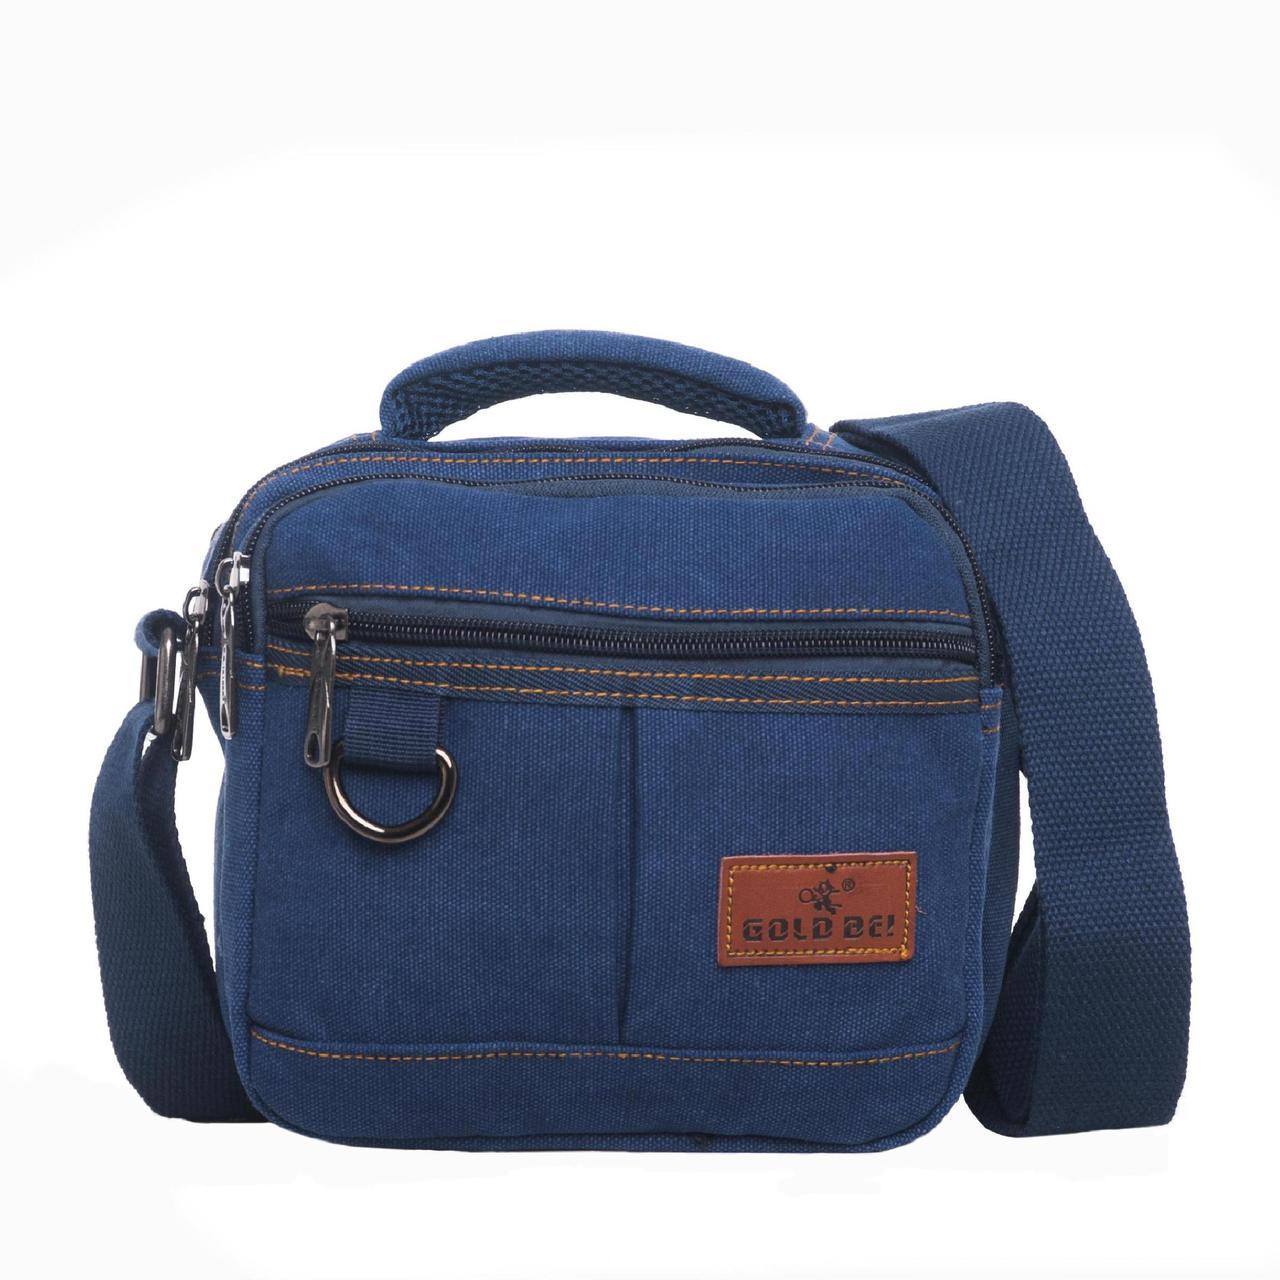 84a72b16569c Мужская сумка горизонтальная GOLD BE 20х20х12 синяя ткань брезент ксС999син  - Производственно-торговое предприятие